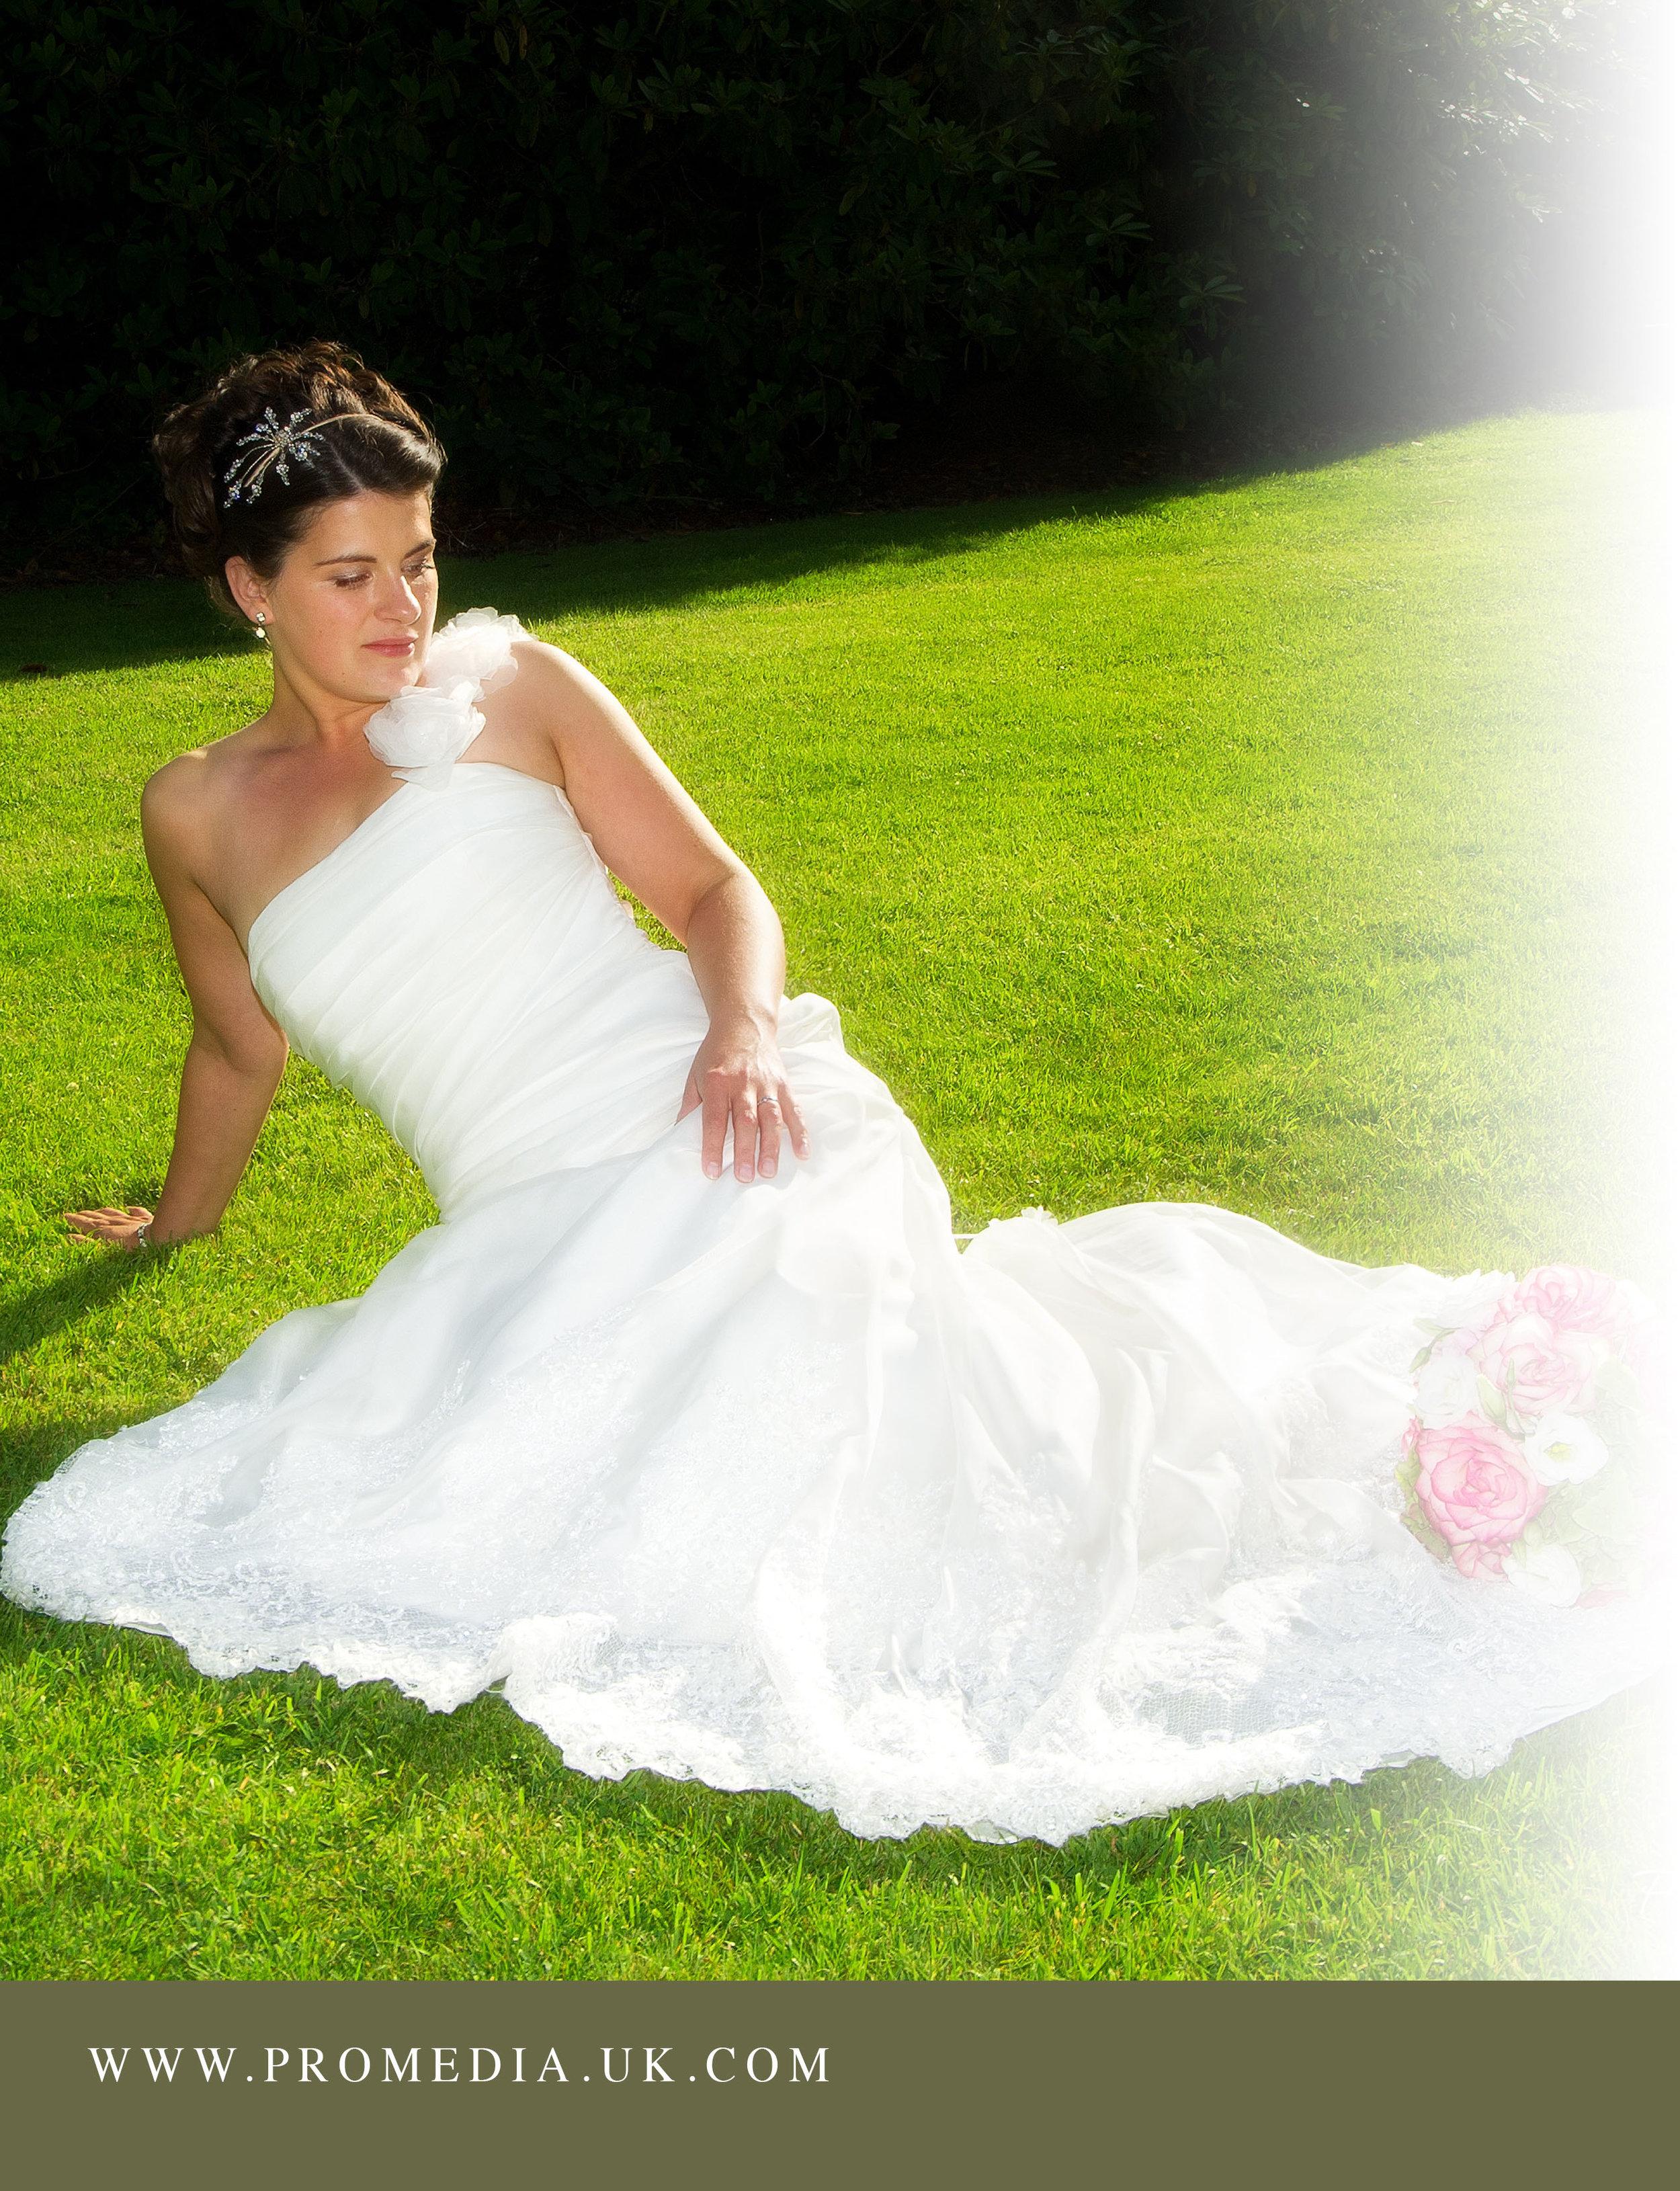 4 - BP4U - Wedding Client Guide - PG 5.jpg